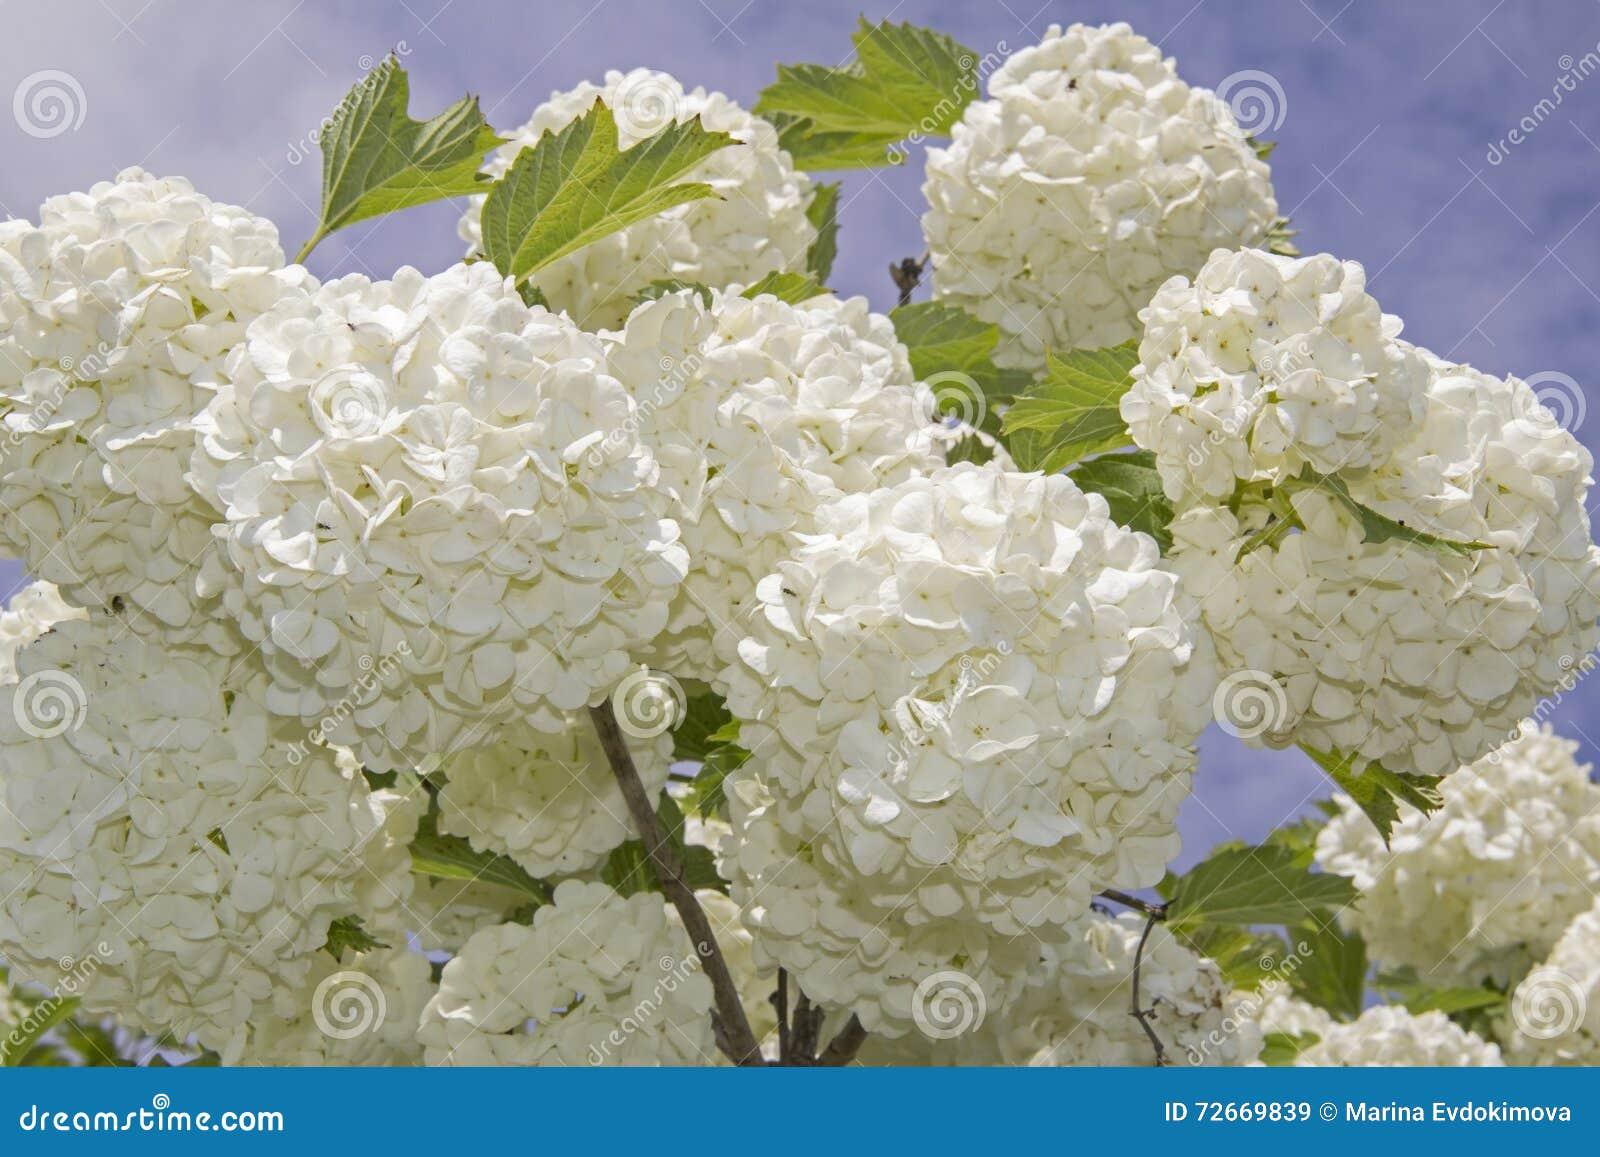 Fleur Blanche Du Viburnum Buldenezh De Boule De Neige En Fleur Image